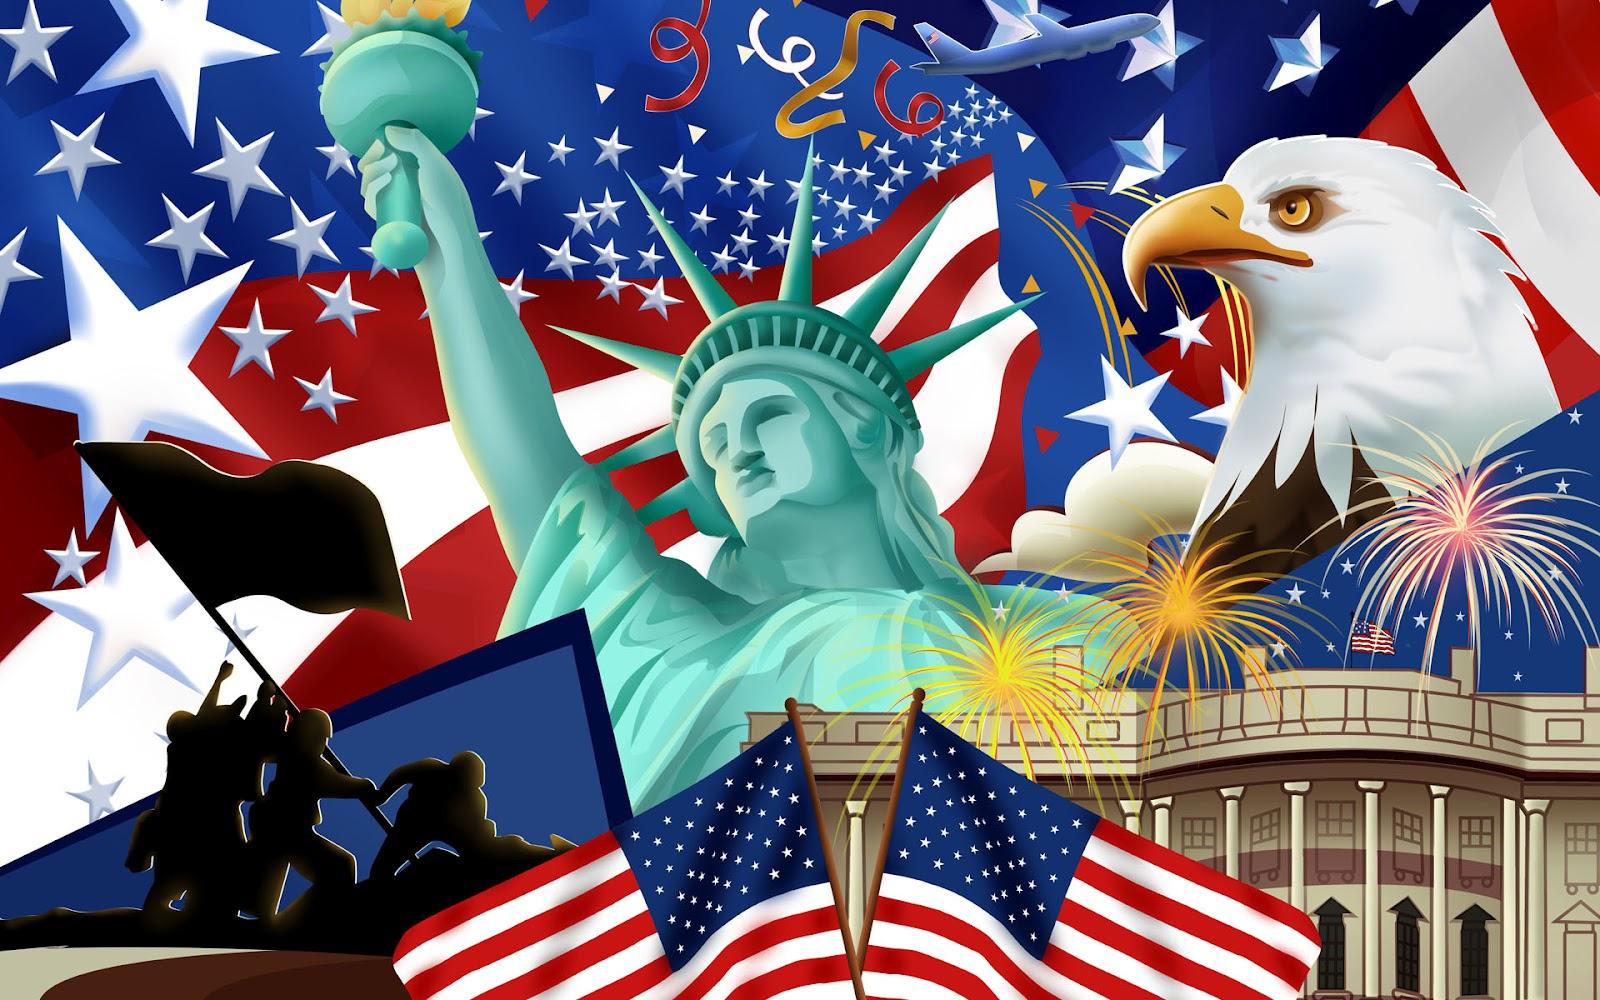 http://1.bp.blogspot.com/-NPgEcsZtOsE/T_vh870cKkI/AAAAAAAAFjs/YrQzq8lFNB8/s1600/usa+flag+wallpaper+hd-4.jpg